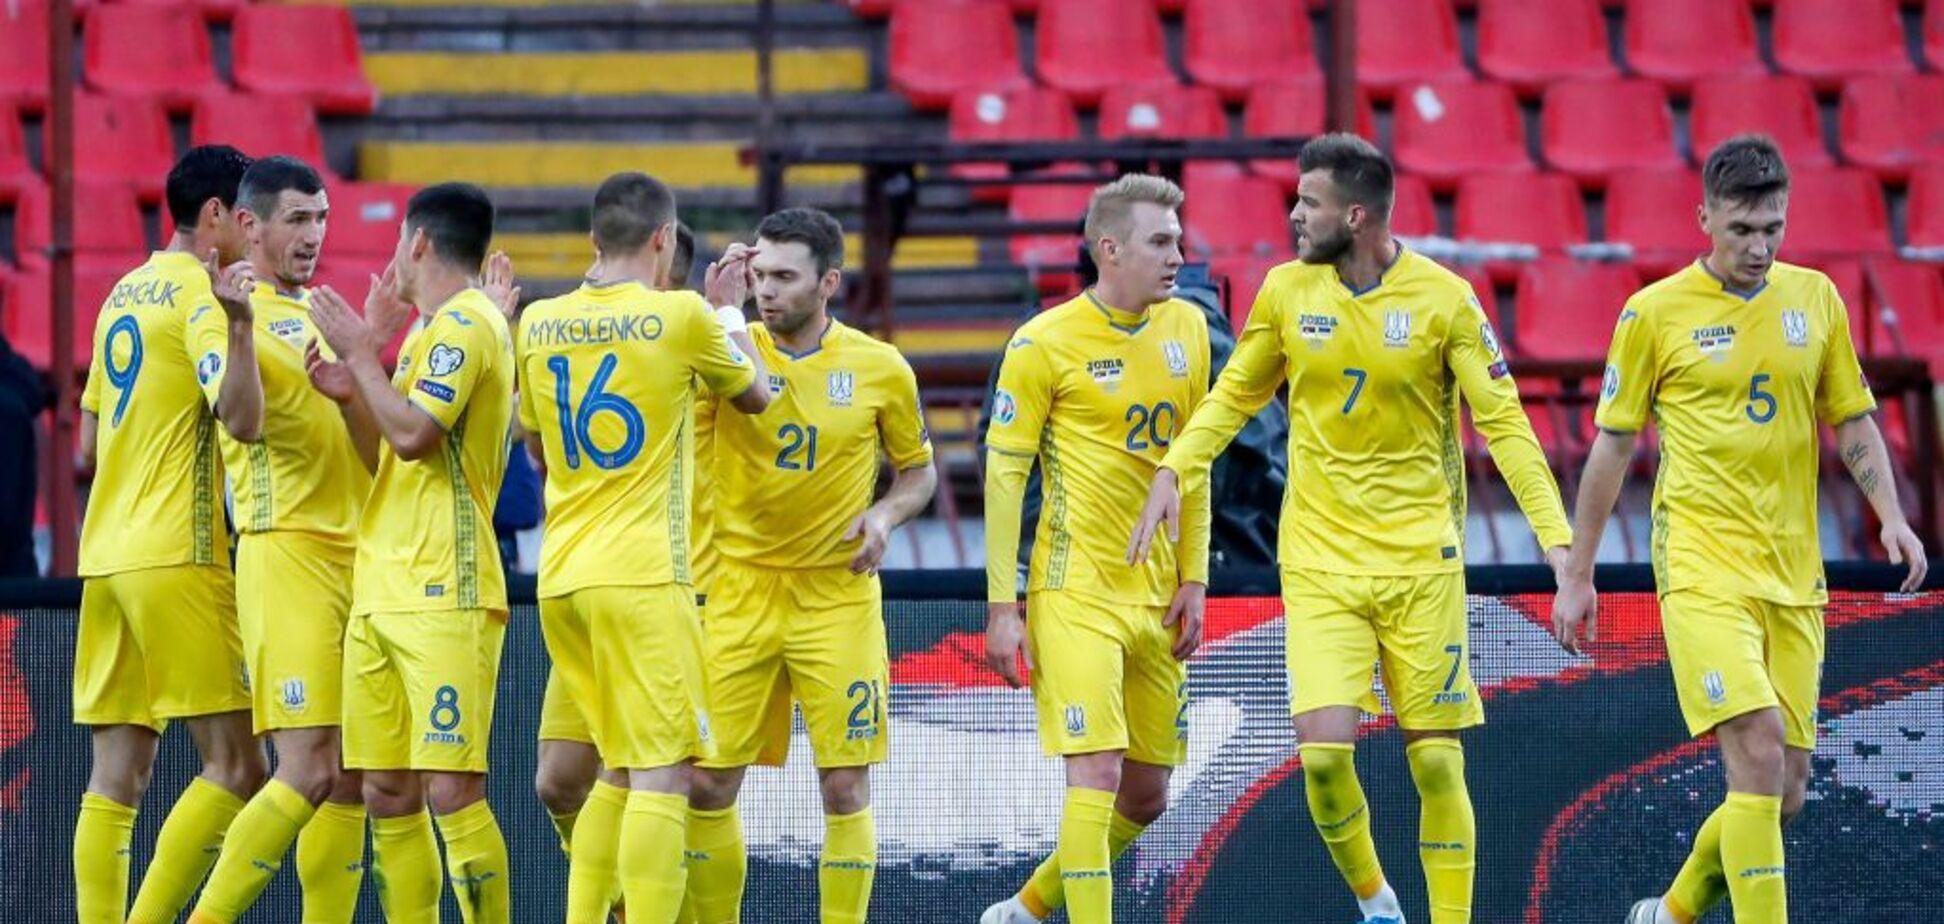 Український прапор над 'Газпромом': опубліковано знакове фото з матчу Сербія – Україна